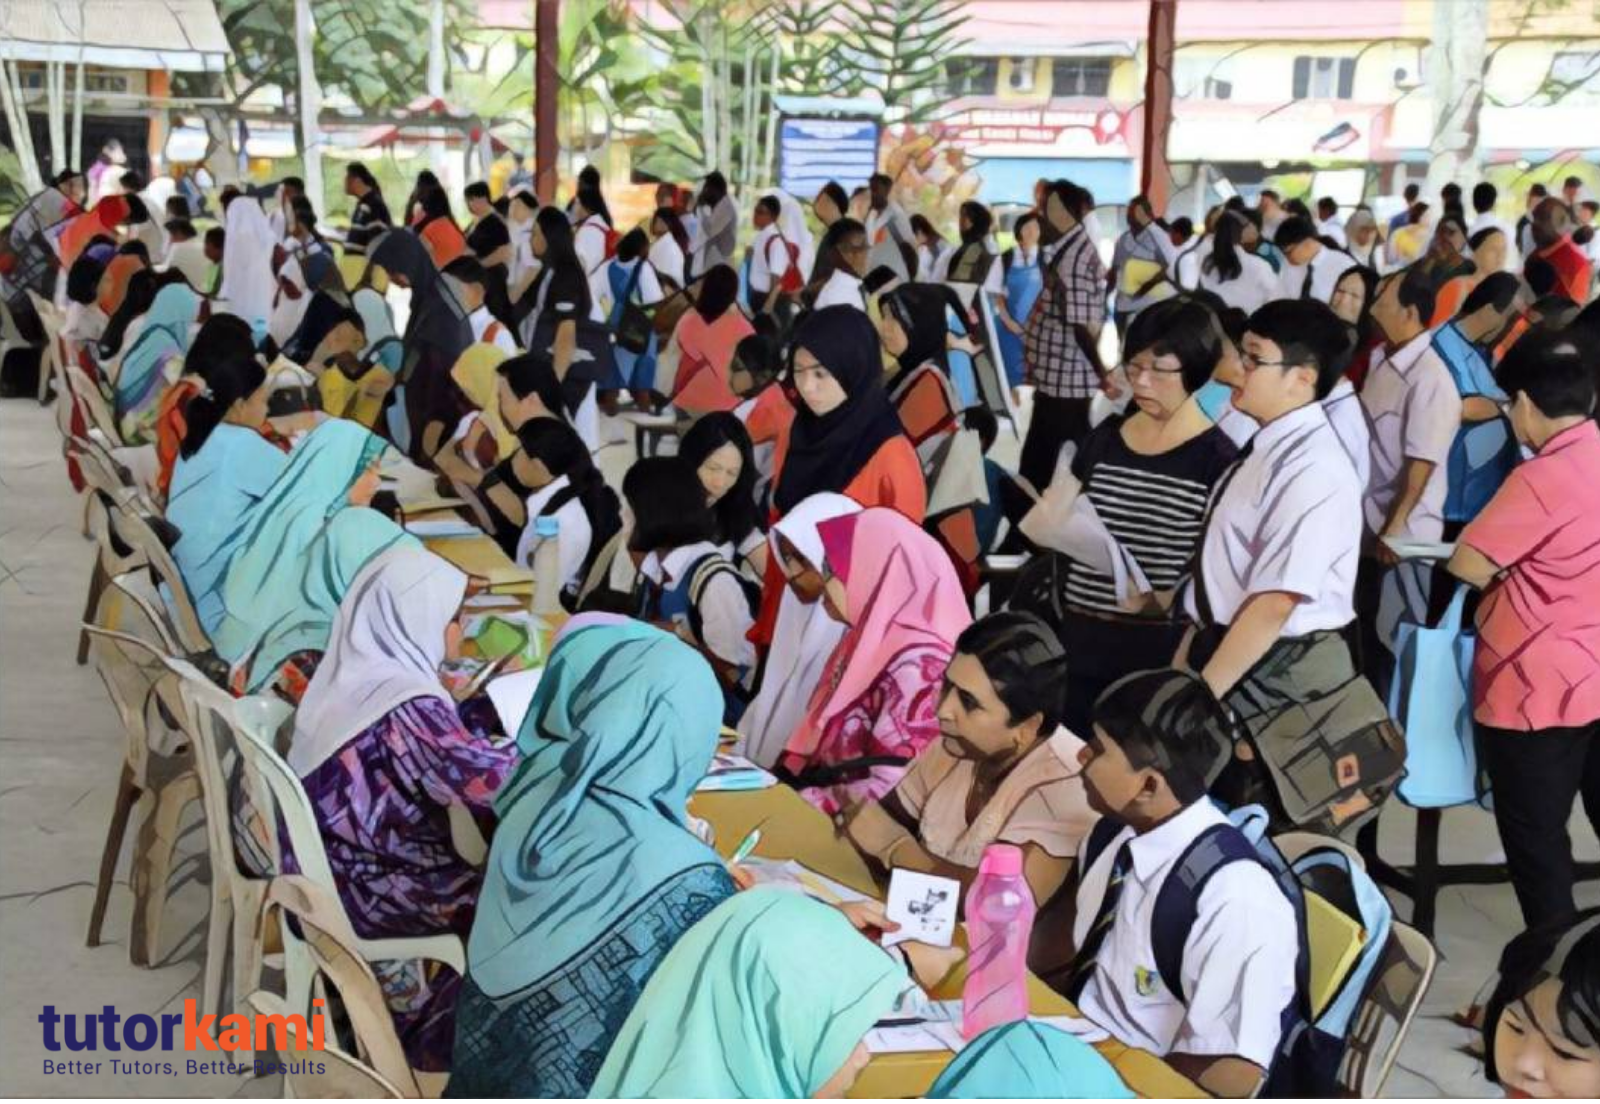 Kemasukan Tingkatan 1 Sekolah Berasrama Penuh : Daftar SBP